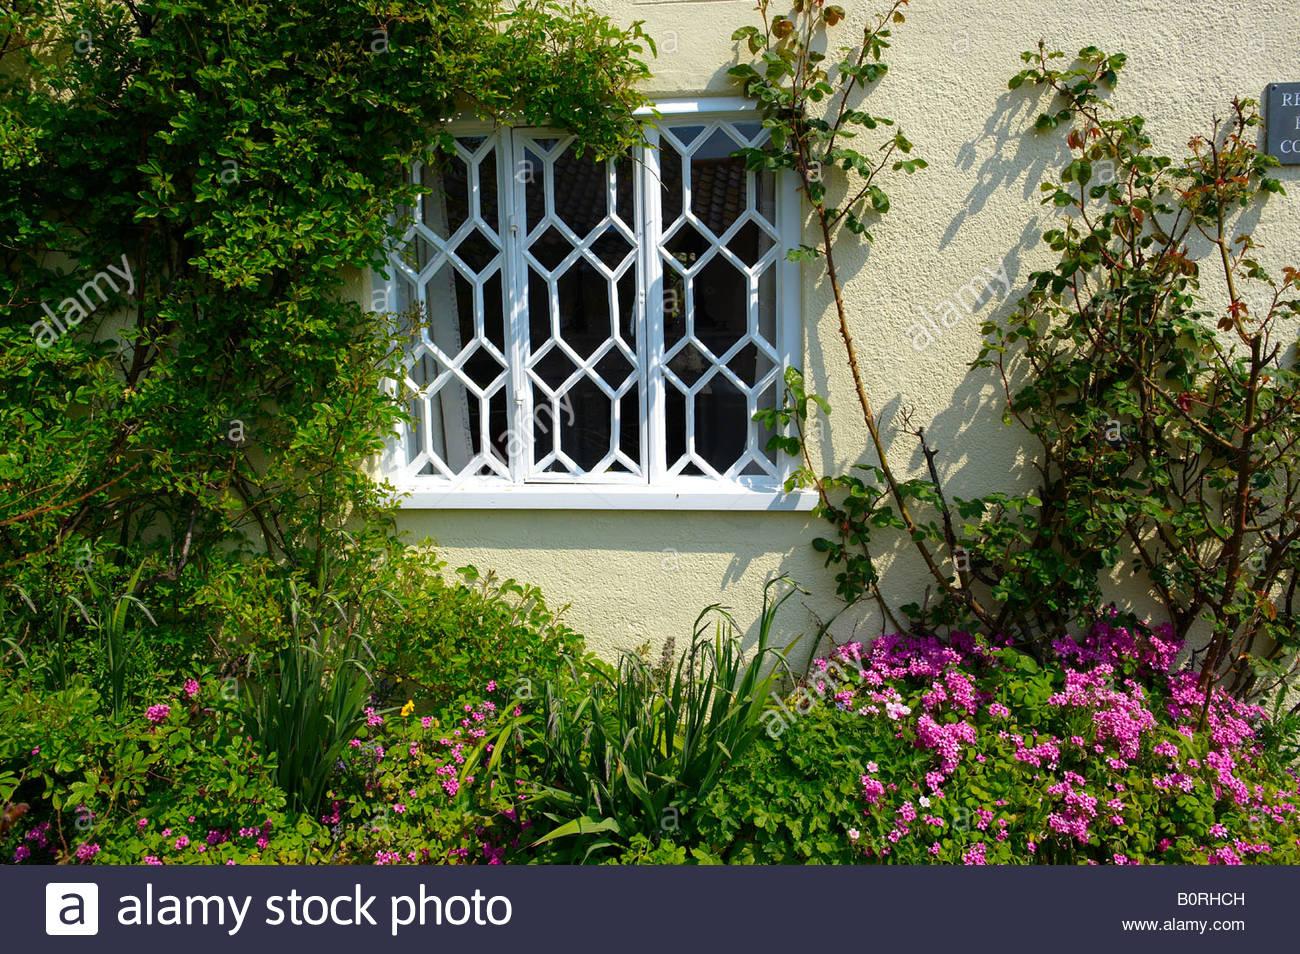 Jardín delante de la casa tradicional de un viejo cottage ingles Imagen De Stock